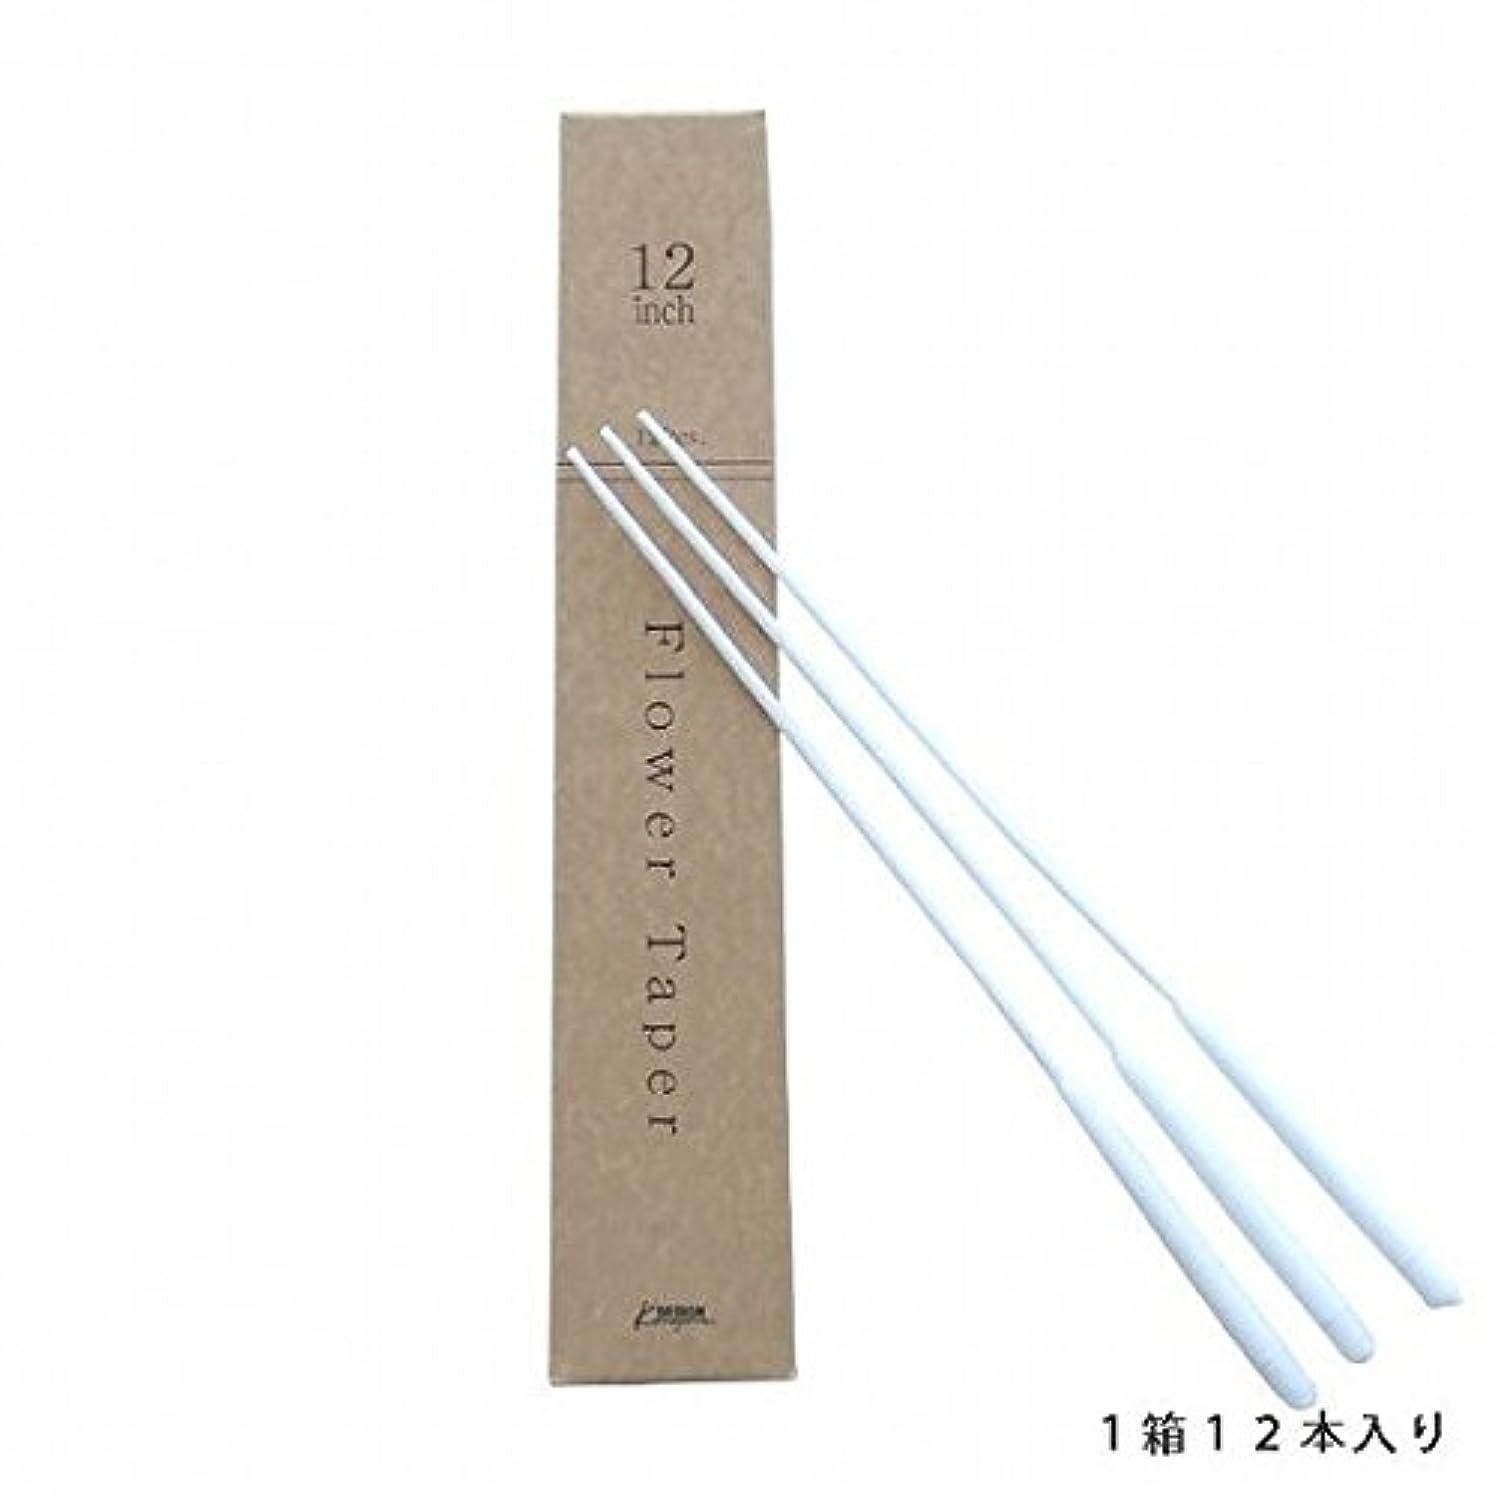 韓国葉巻フルーツkameyama candle(カメヤマキャンドル) 12インチトーチ用フラワーテーパー12本入 「 ホワイト 」(72339900W)